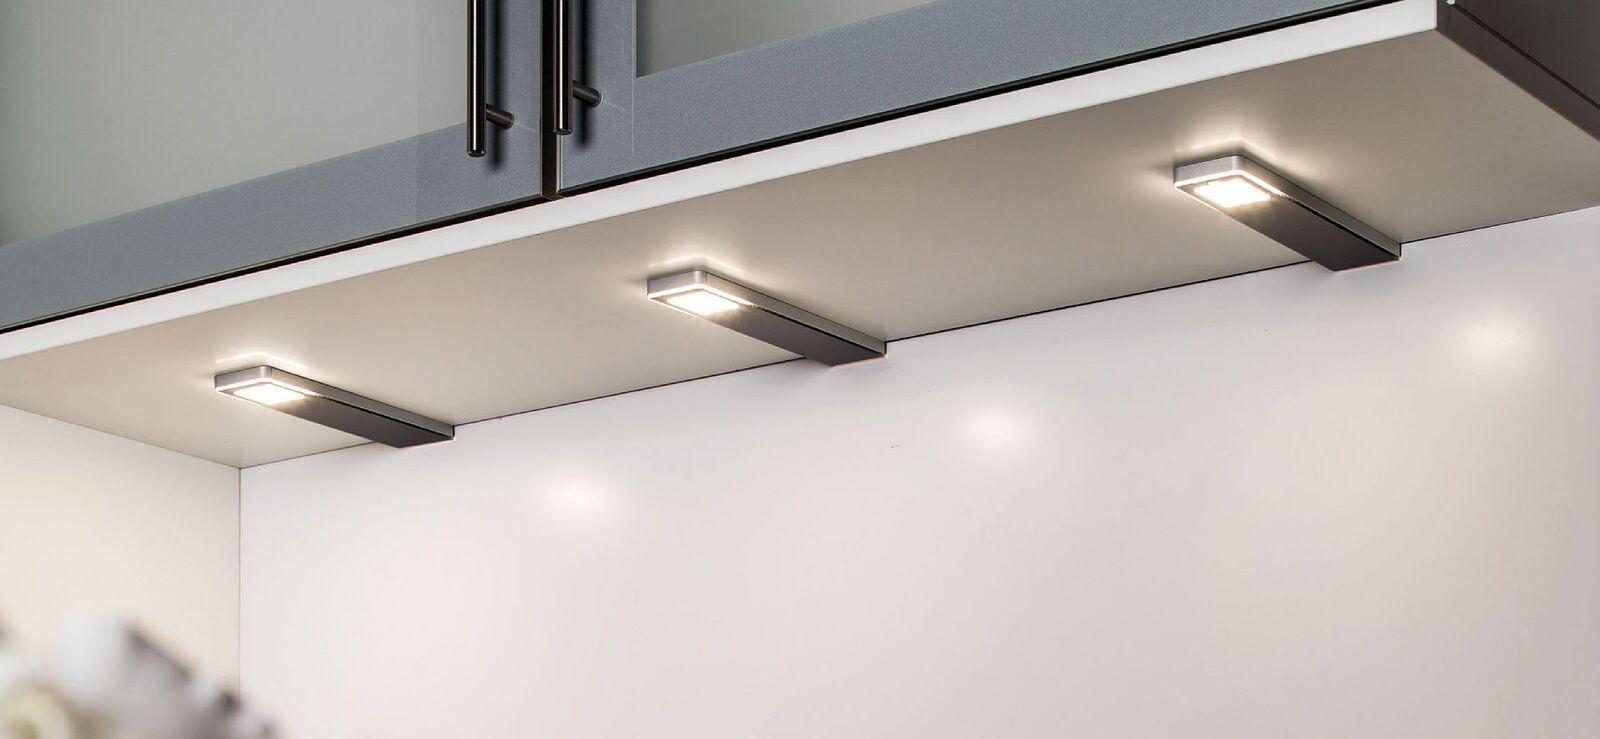 3-er Set LED Unterbauleuchte Küche dimmbar 3 x 5 Watt Konverter ...